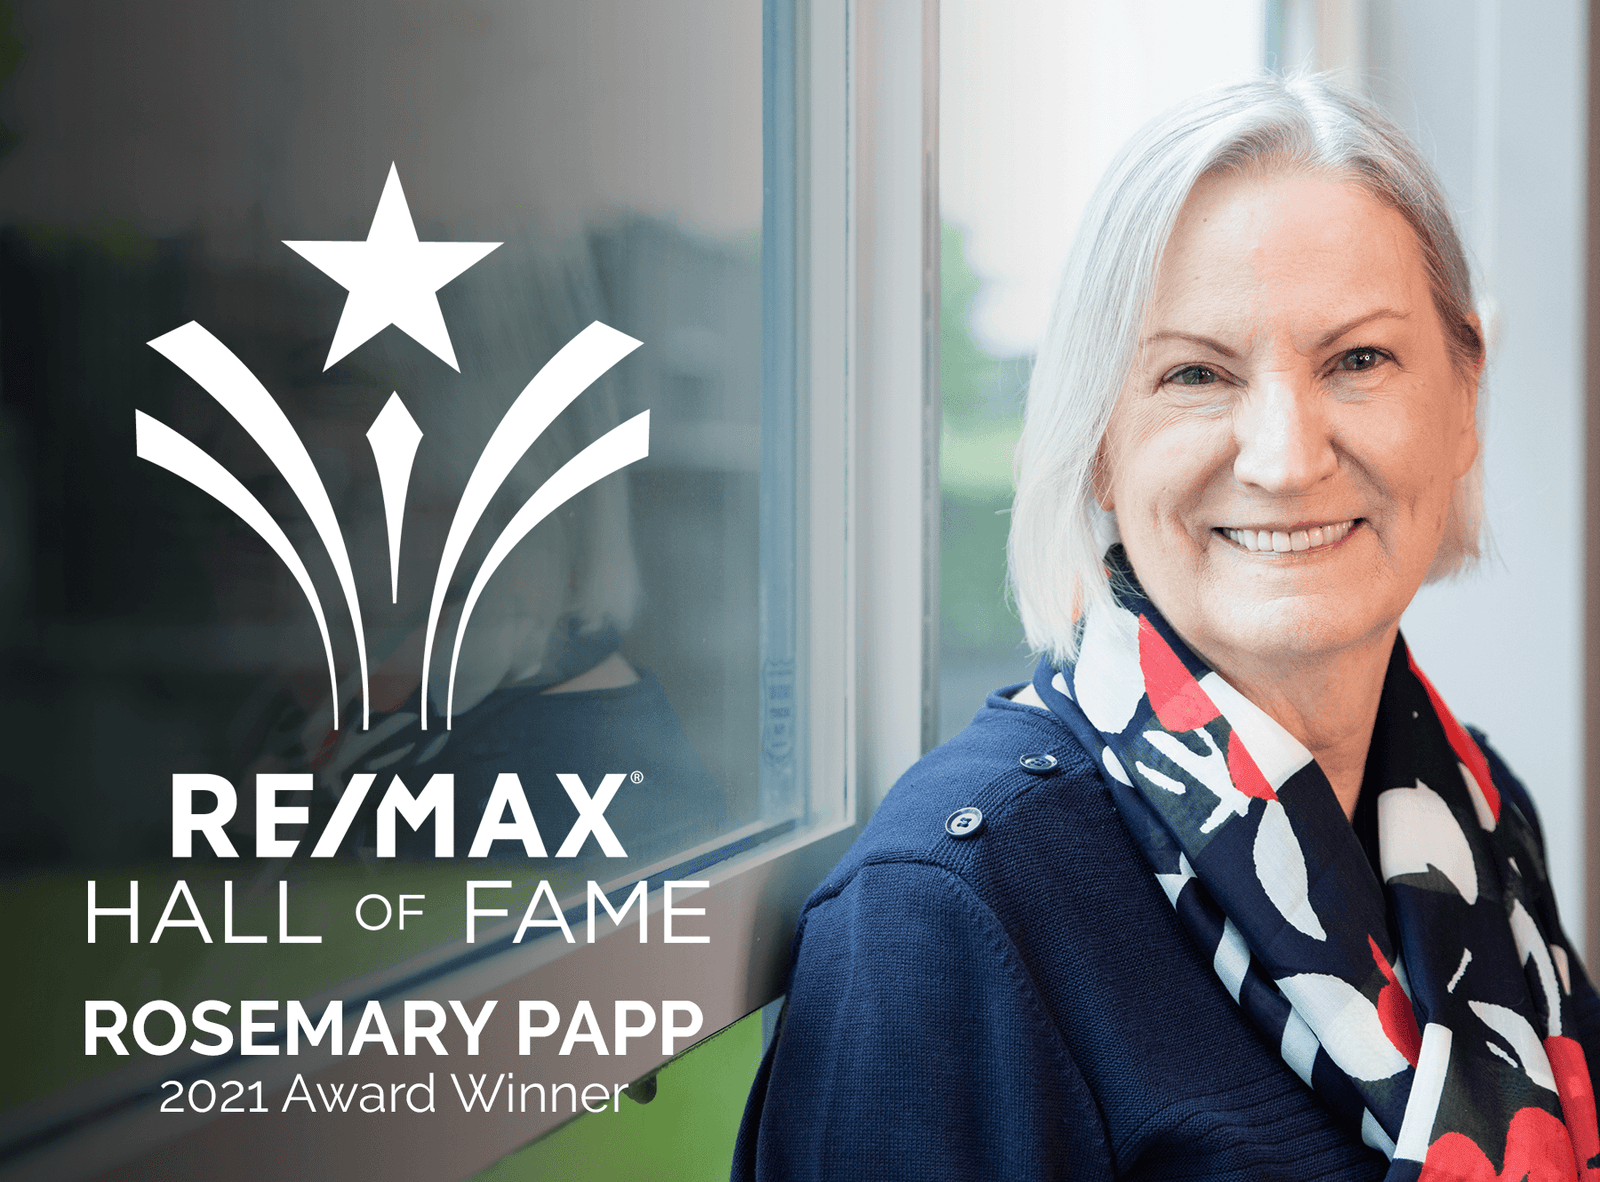 2021 Hall of Fame Award Winner - Rosemary Papp